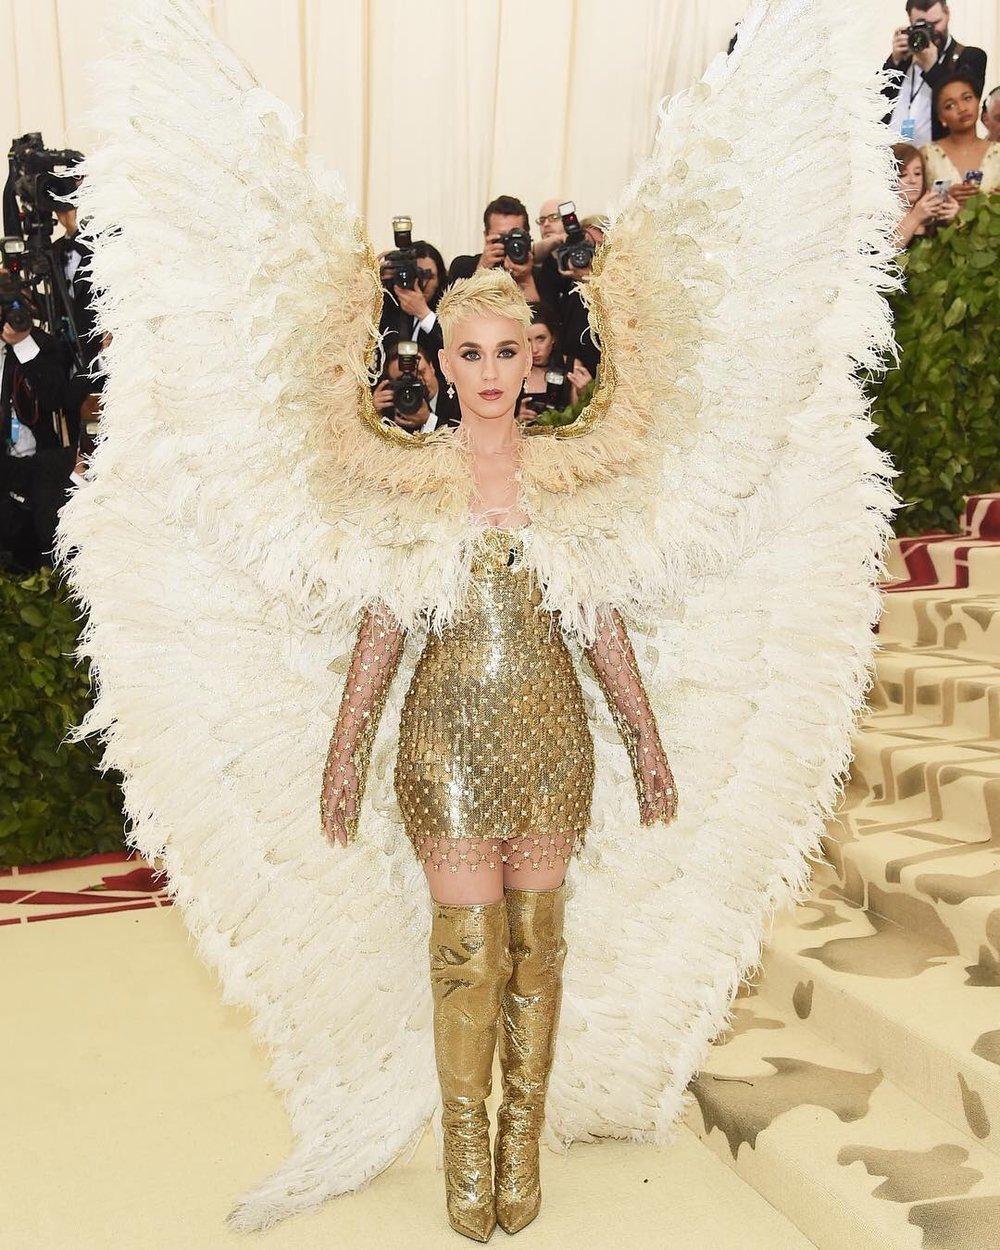 Katy-Perry-Met-Gala-18.jpg